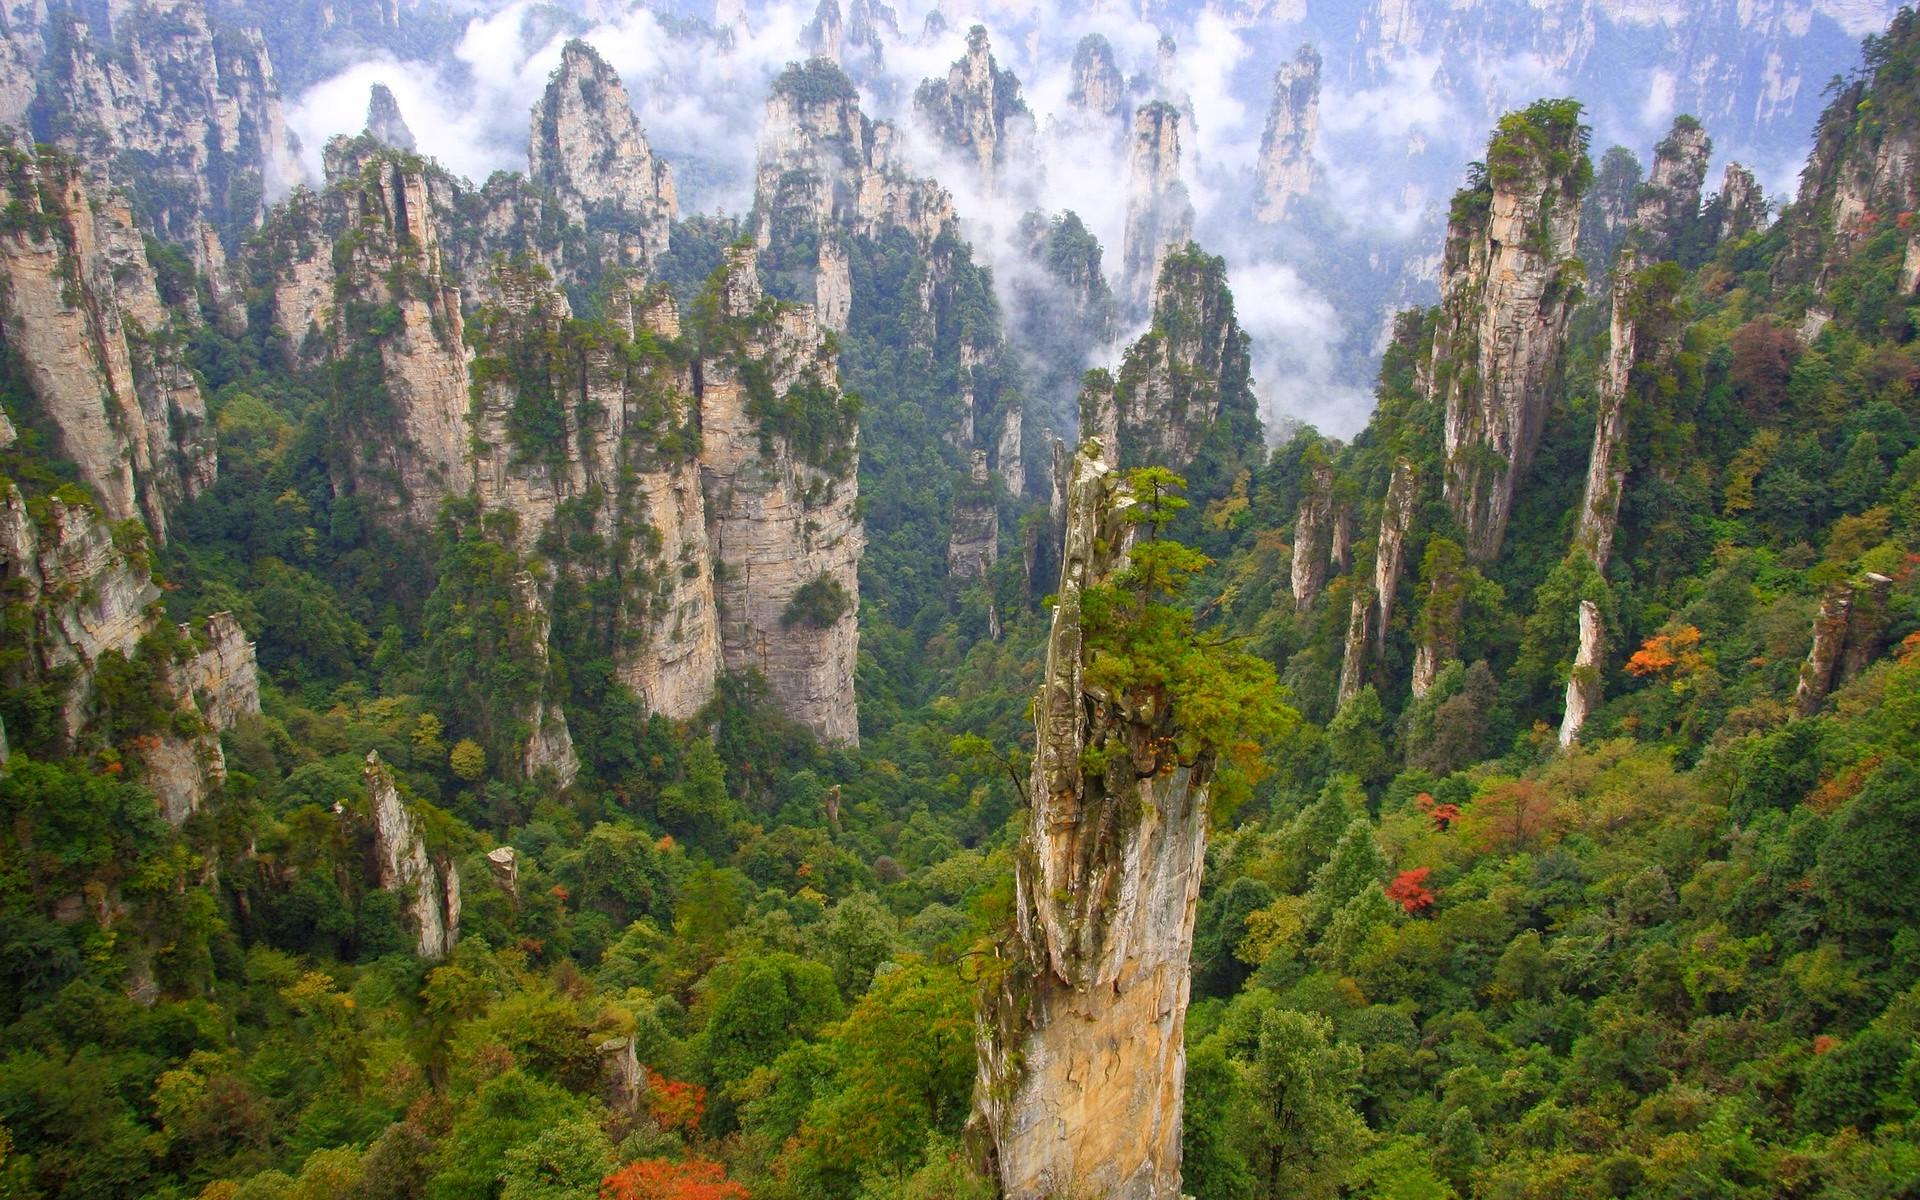 fond d 39 cran des arbres paysage chine colline roche la nature ciel des nuages vert. Black Bedroom Furniture Sets. Home Design Ideas